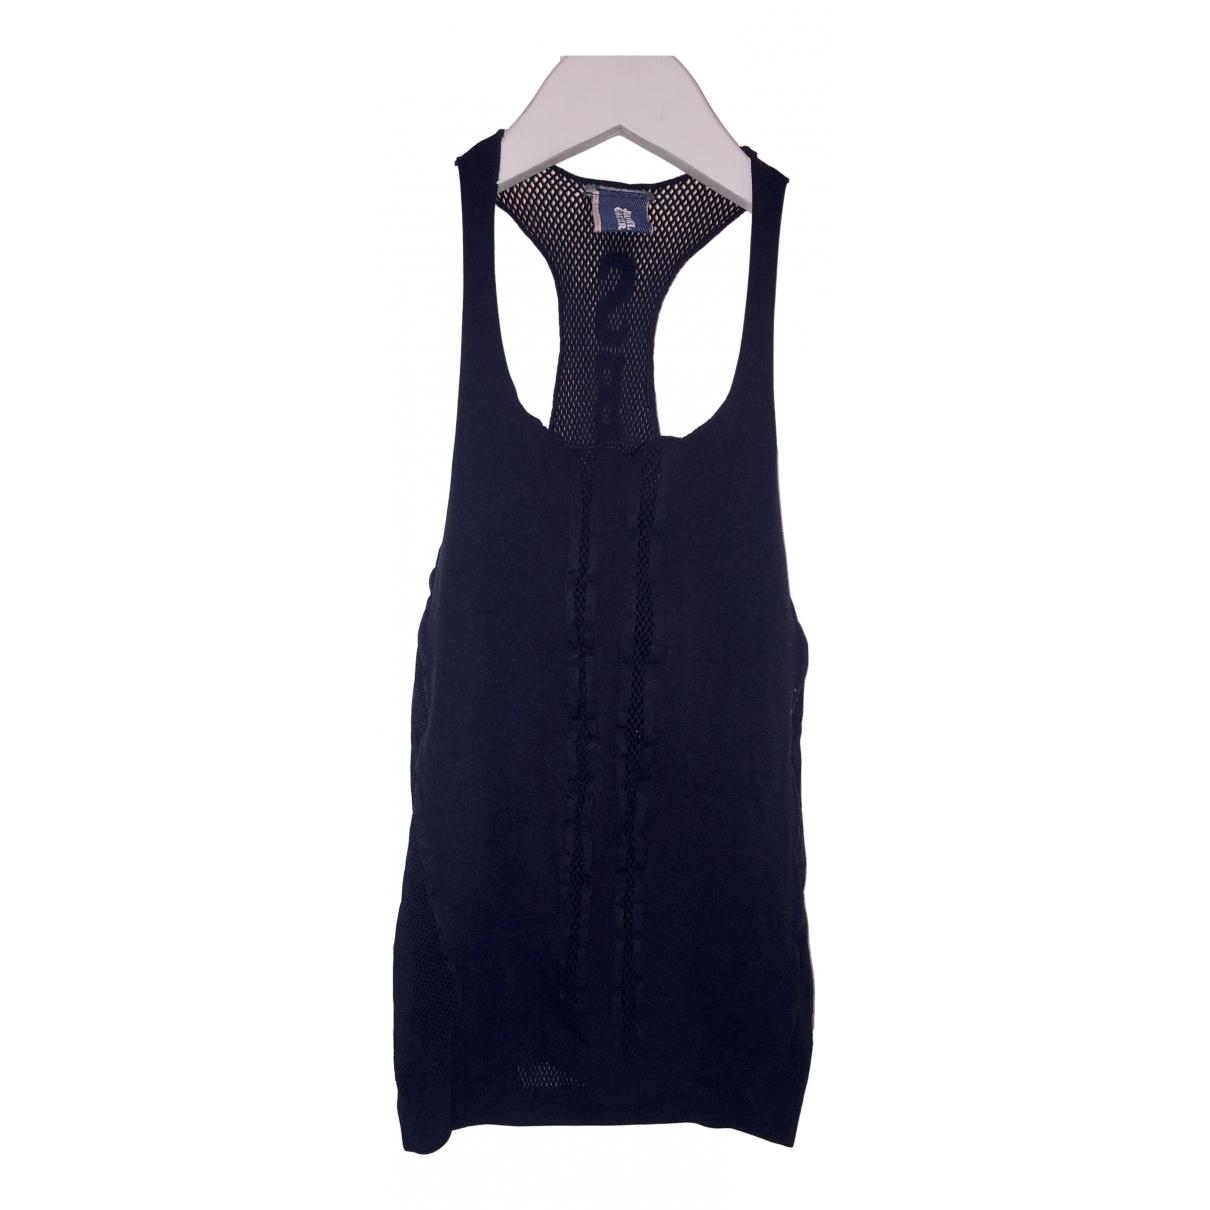 Jean Paul Gaultier N Black  top for Women One Size International